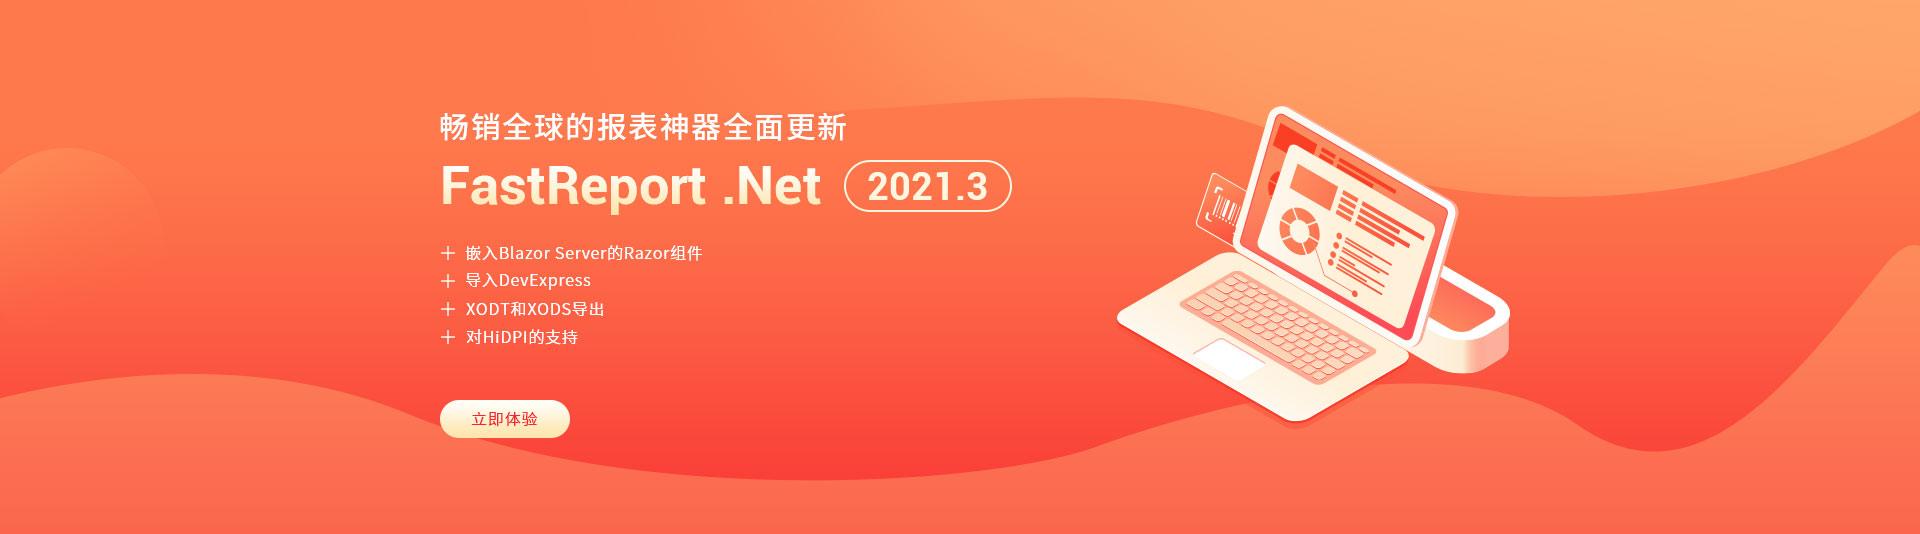 FastReport .net v2021.3更新